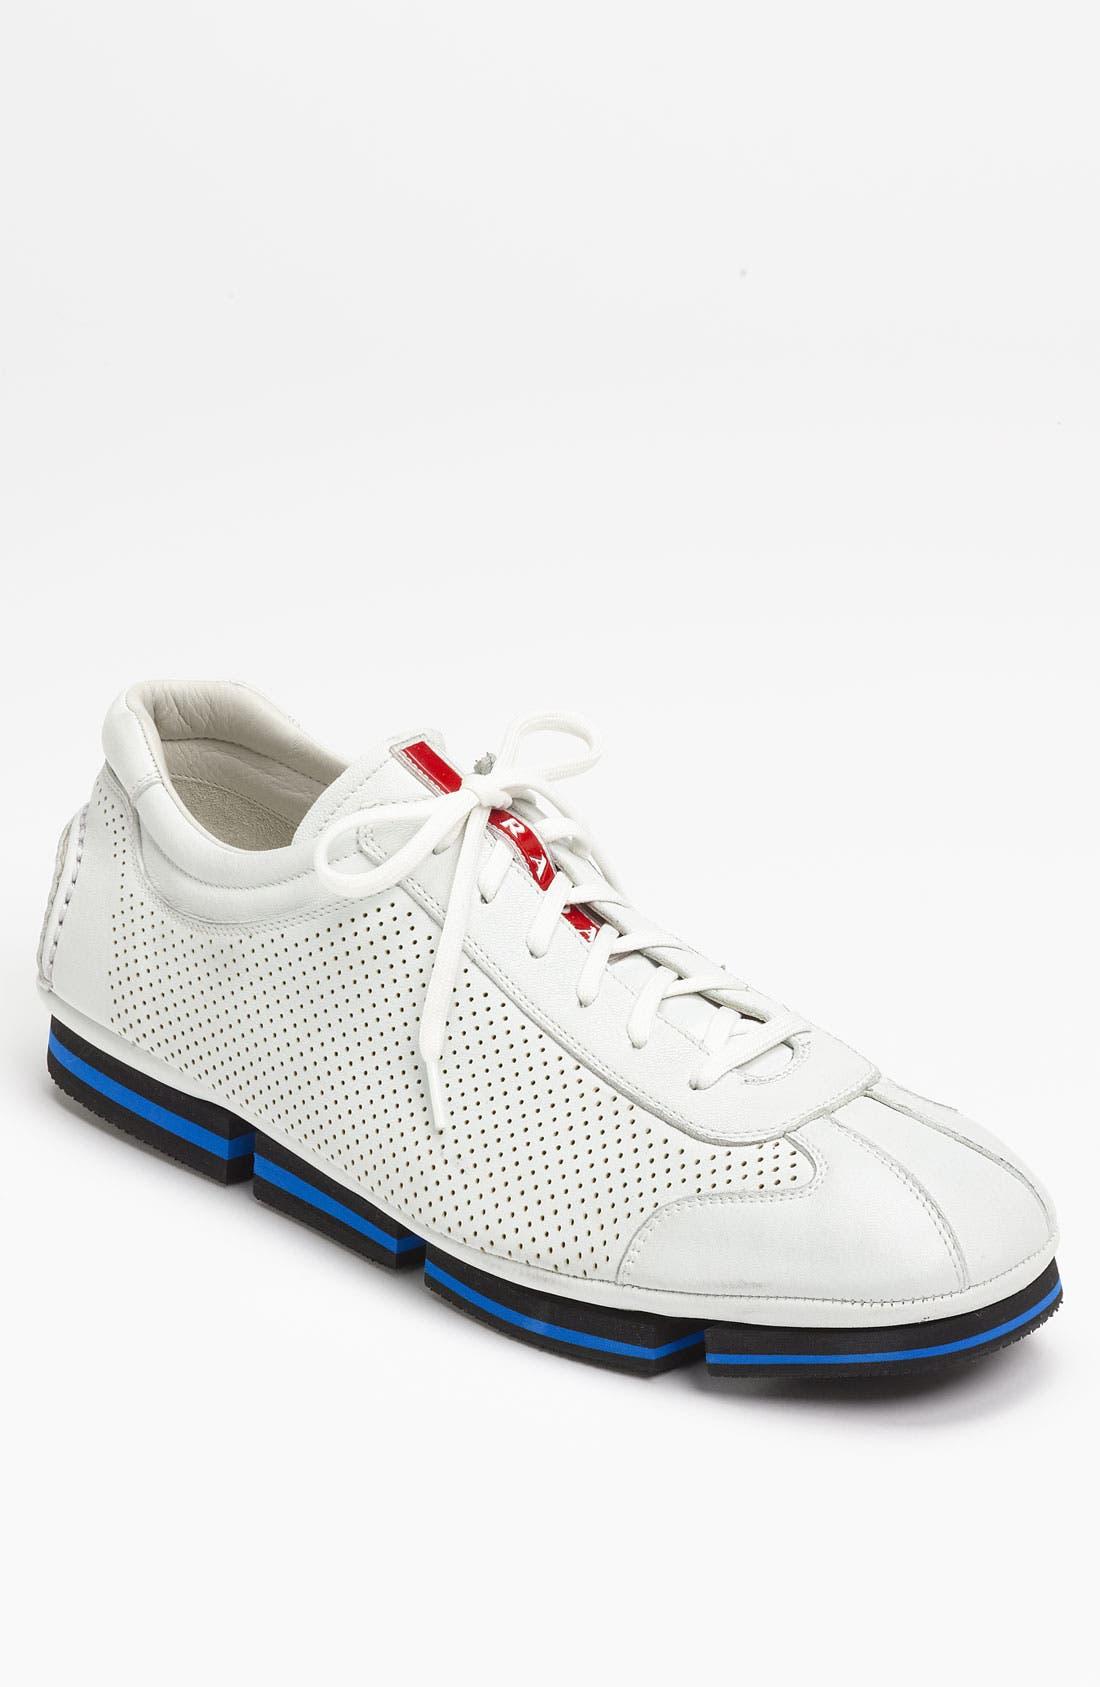 Alternate Image 1 Selected - Prada Perforated Sneaker